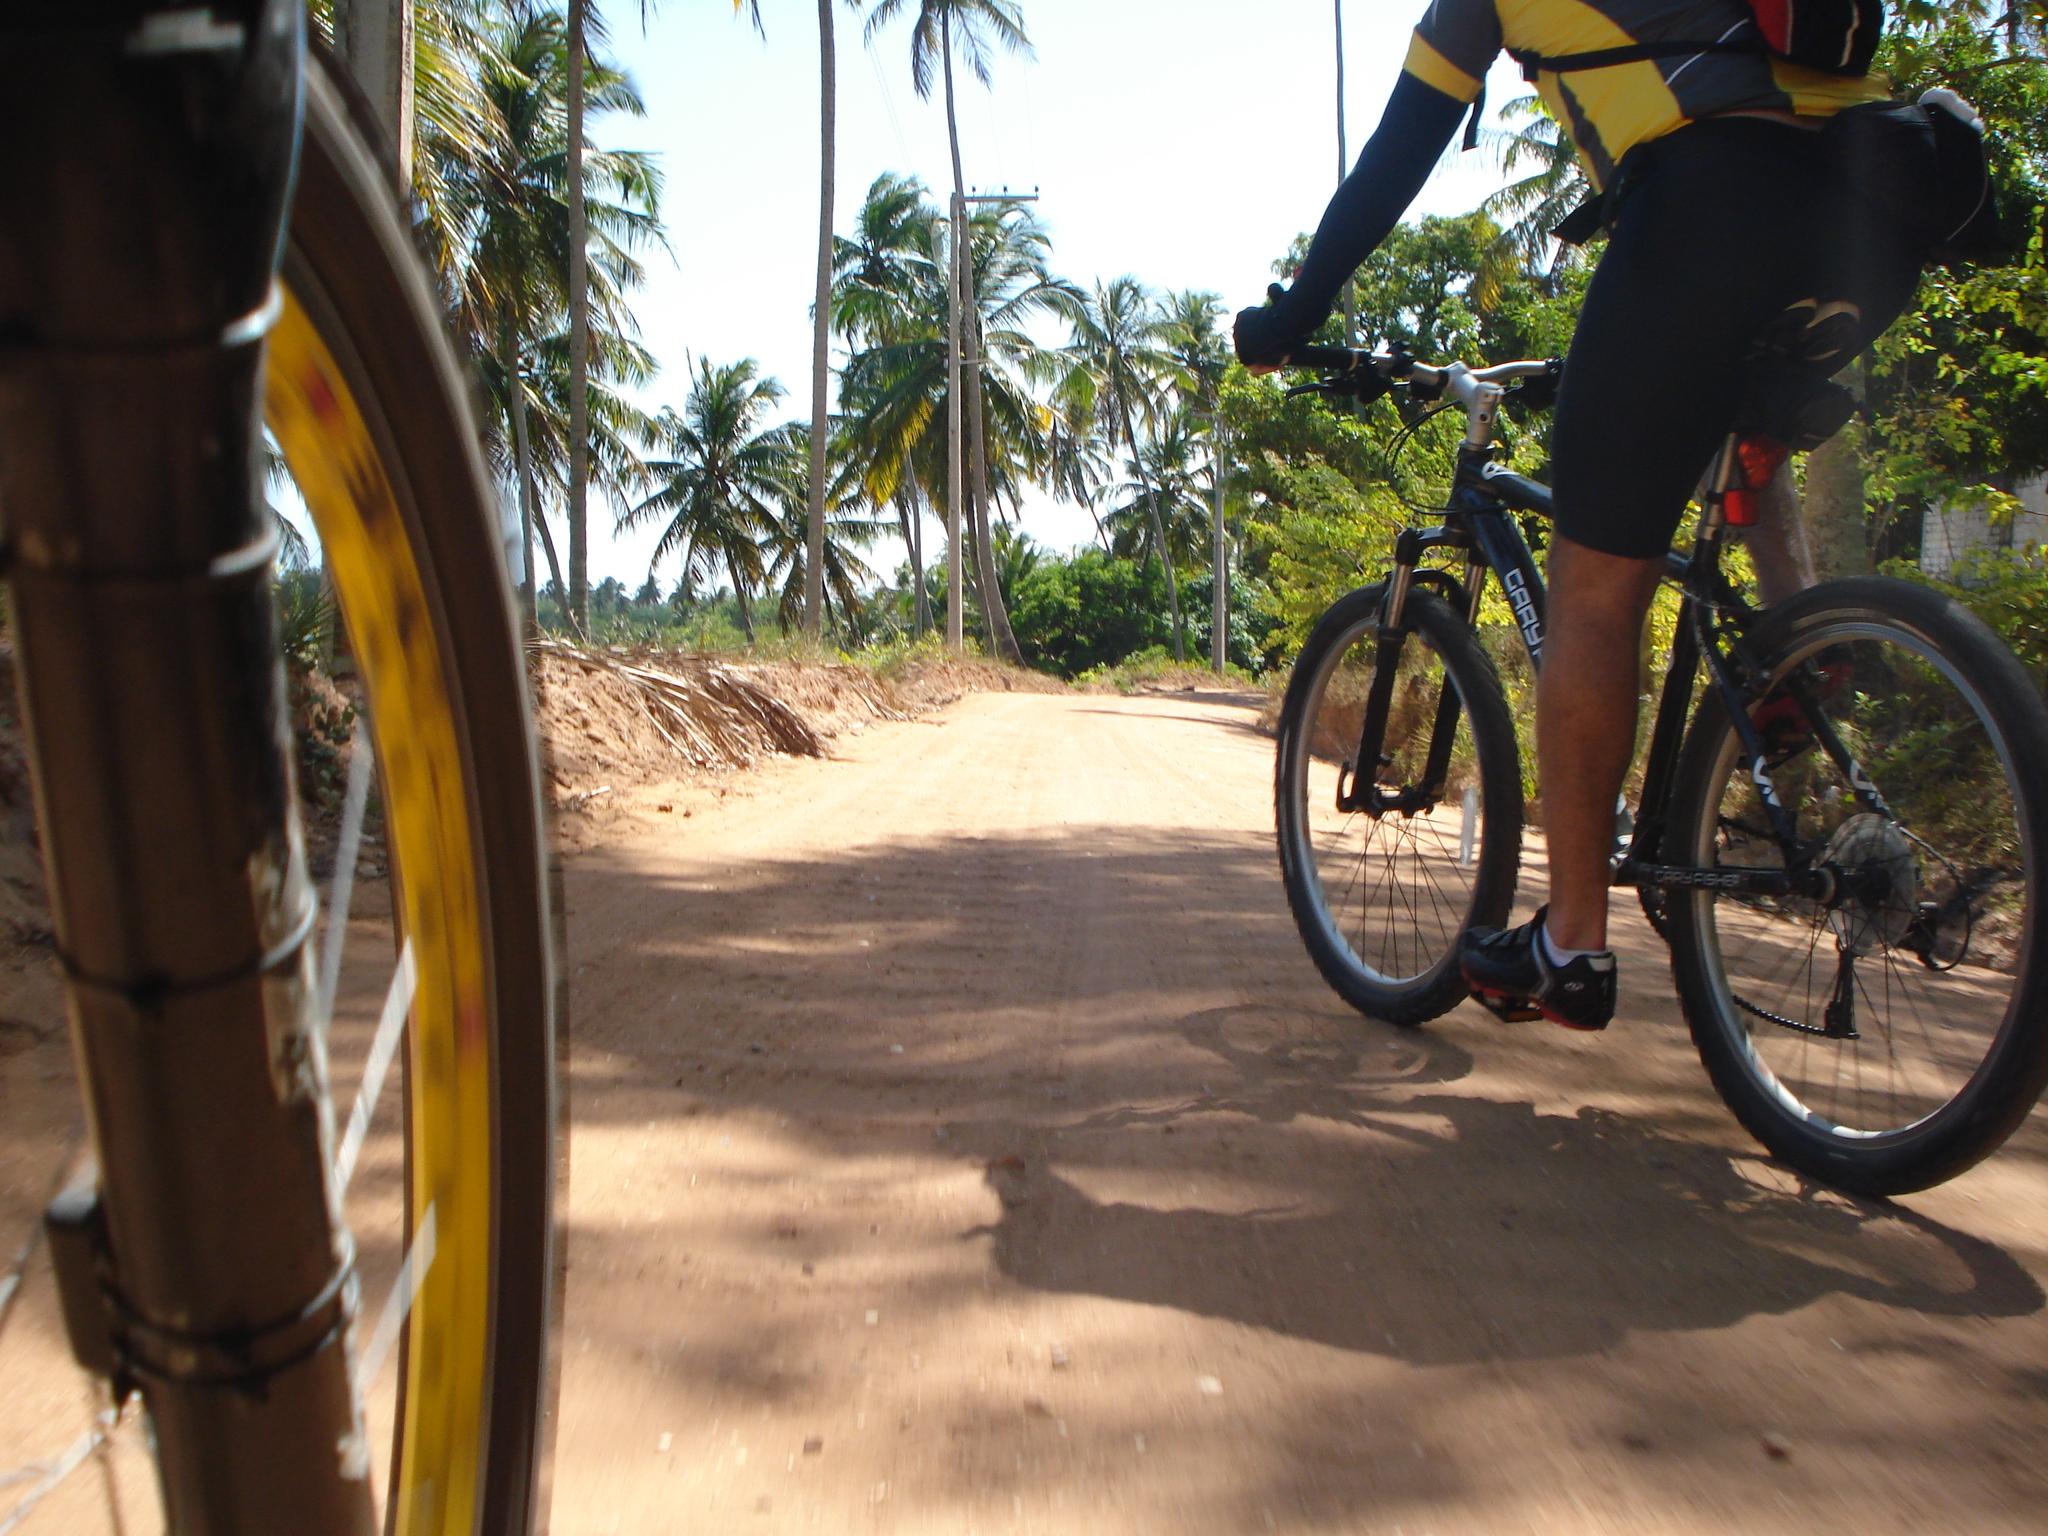 Estrada para o Broma. Pedalamos até lá, mas decidimos não entrar e seguimos viagem. A estrada é muito bonita, mas com alguns pontos de areia fofa onde é um pouco difícil pedalar.